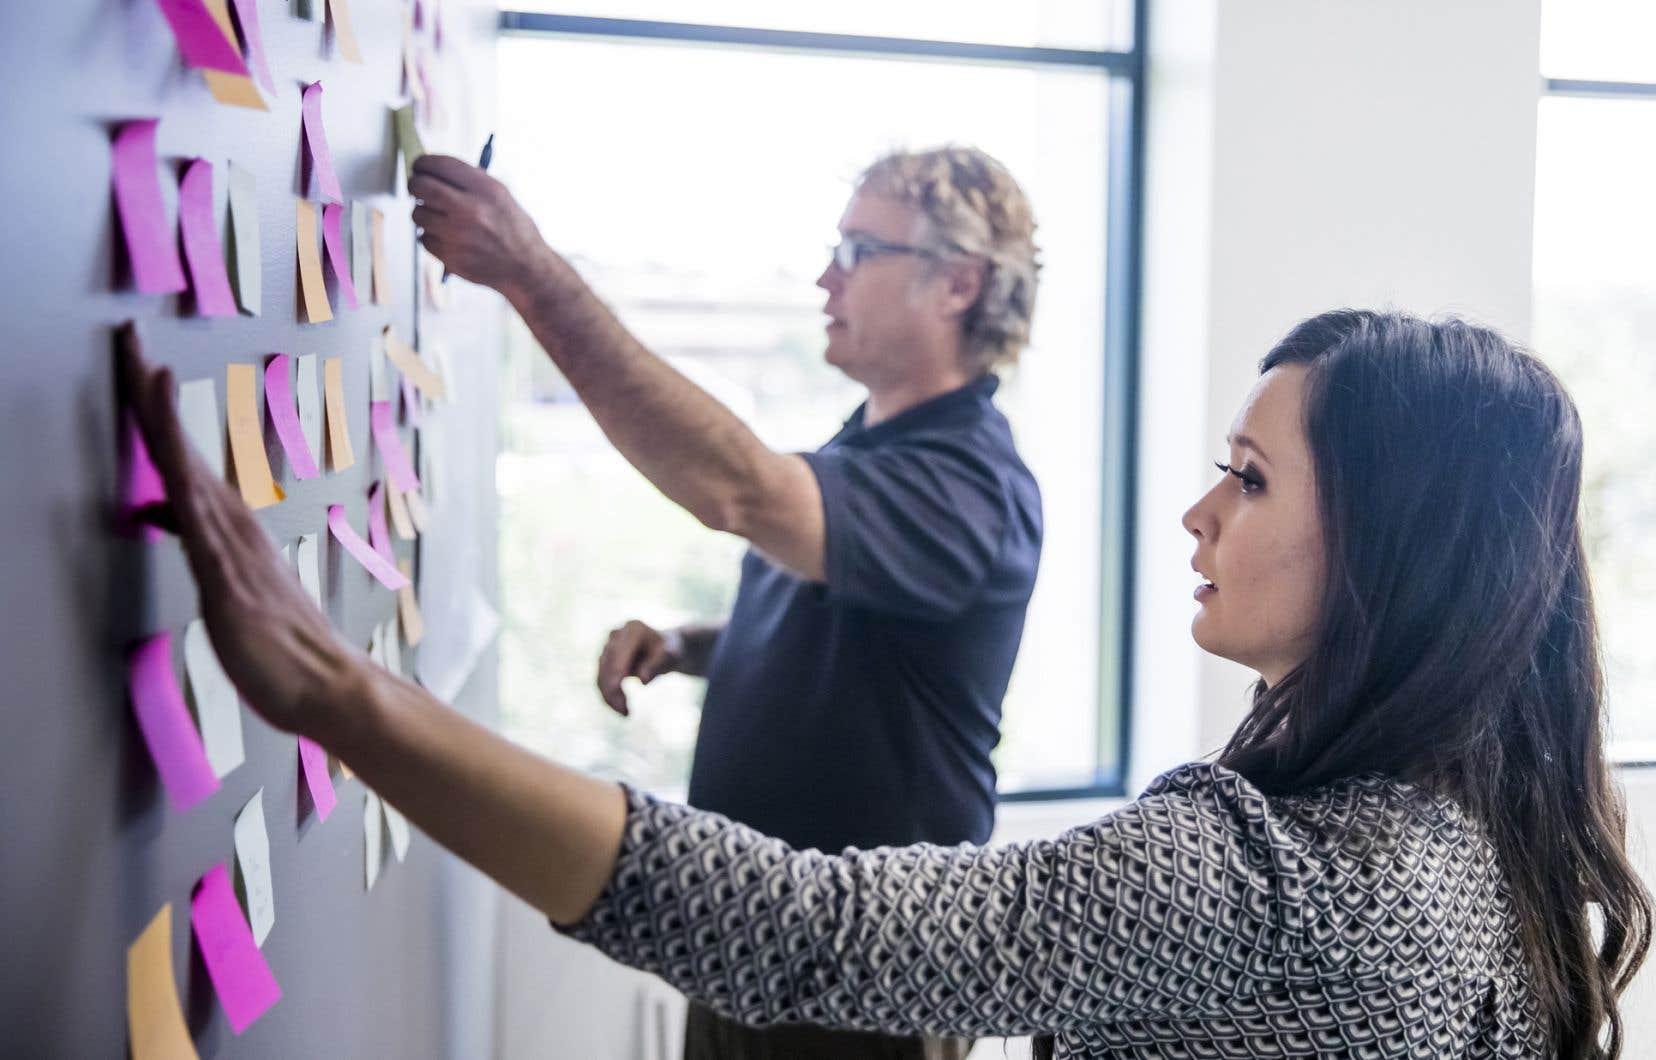 Si on retrouve moins de 40% d'un sexe ou d'un autre dans une équipe de gestion, celle-ci est sous-performante, selon une étude.